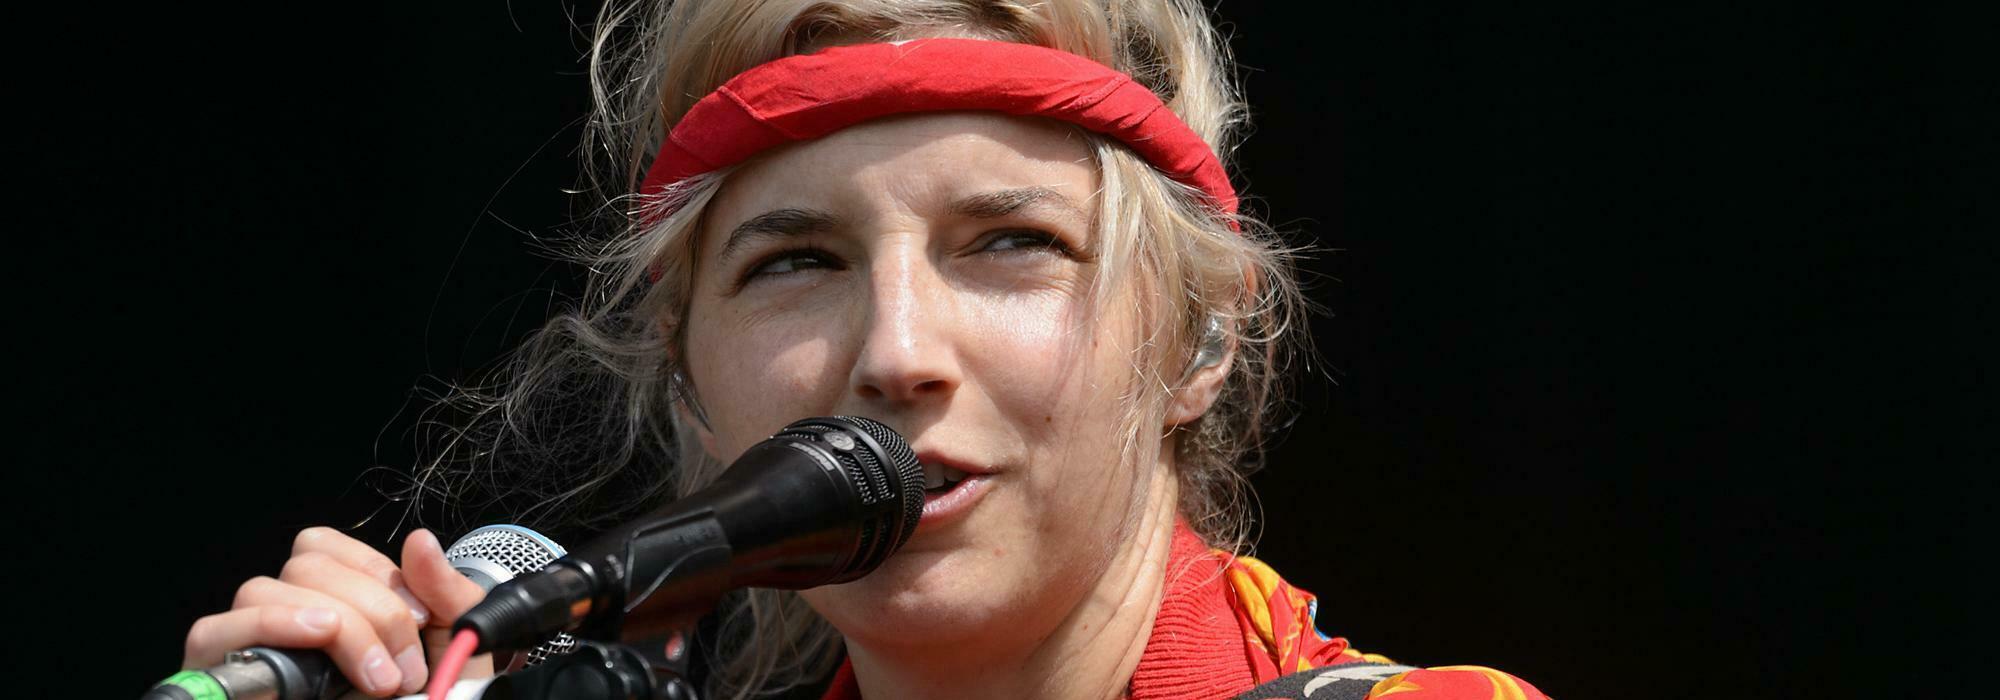 A Caroline Rose live event